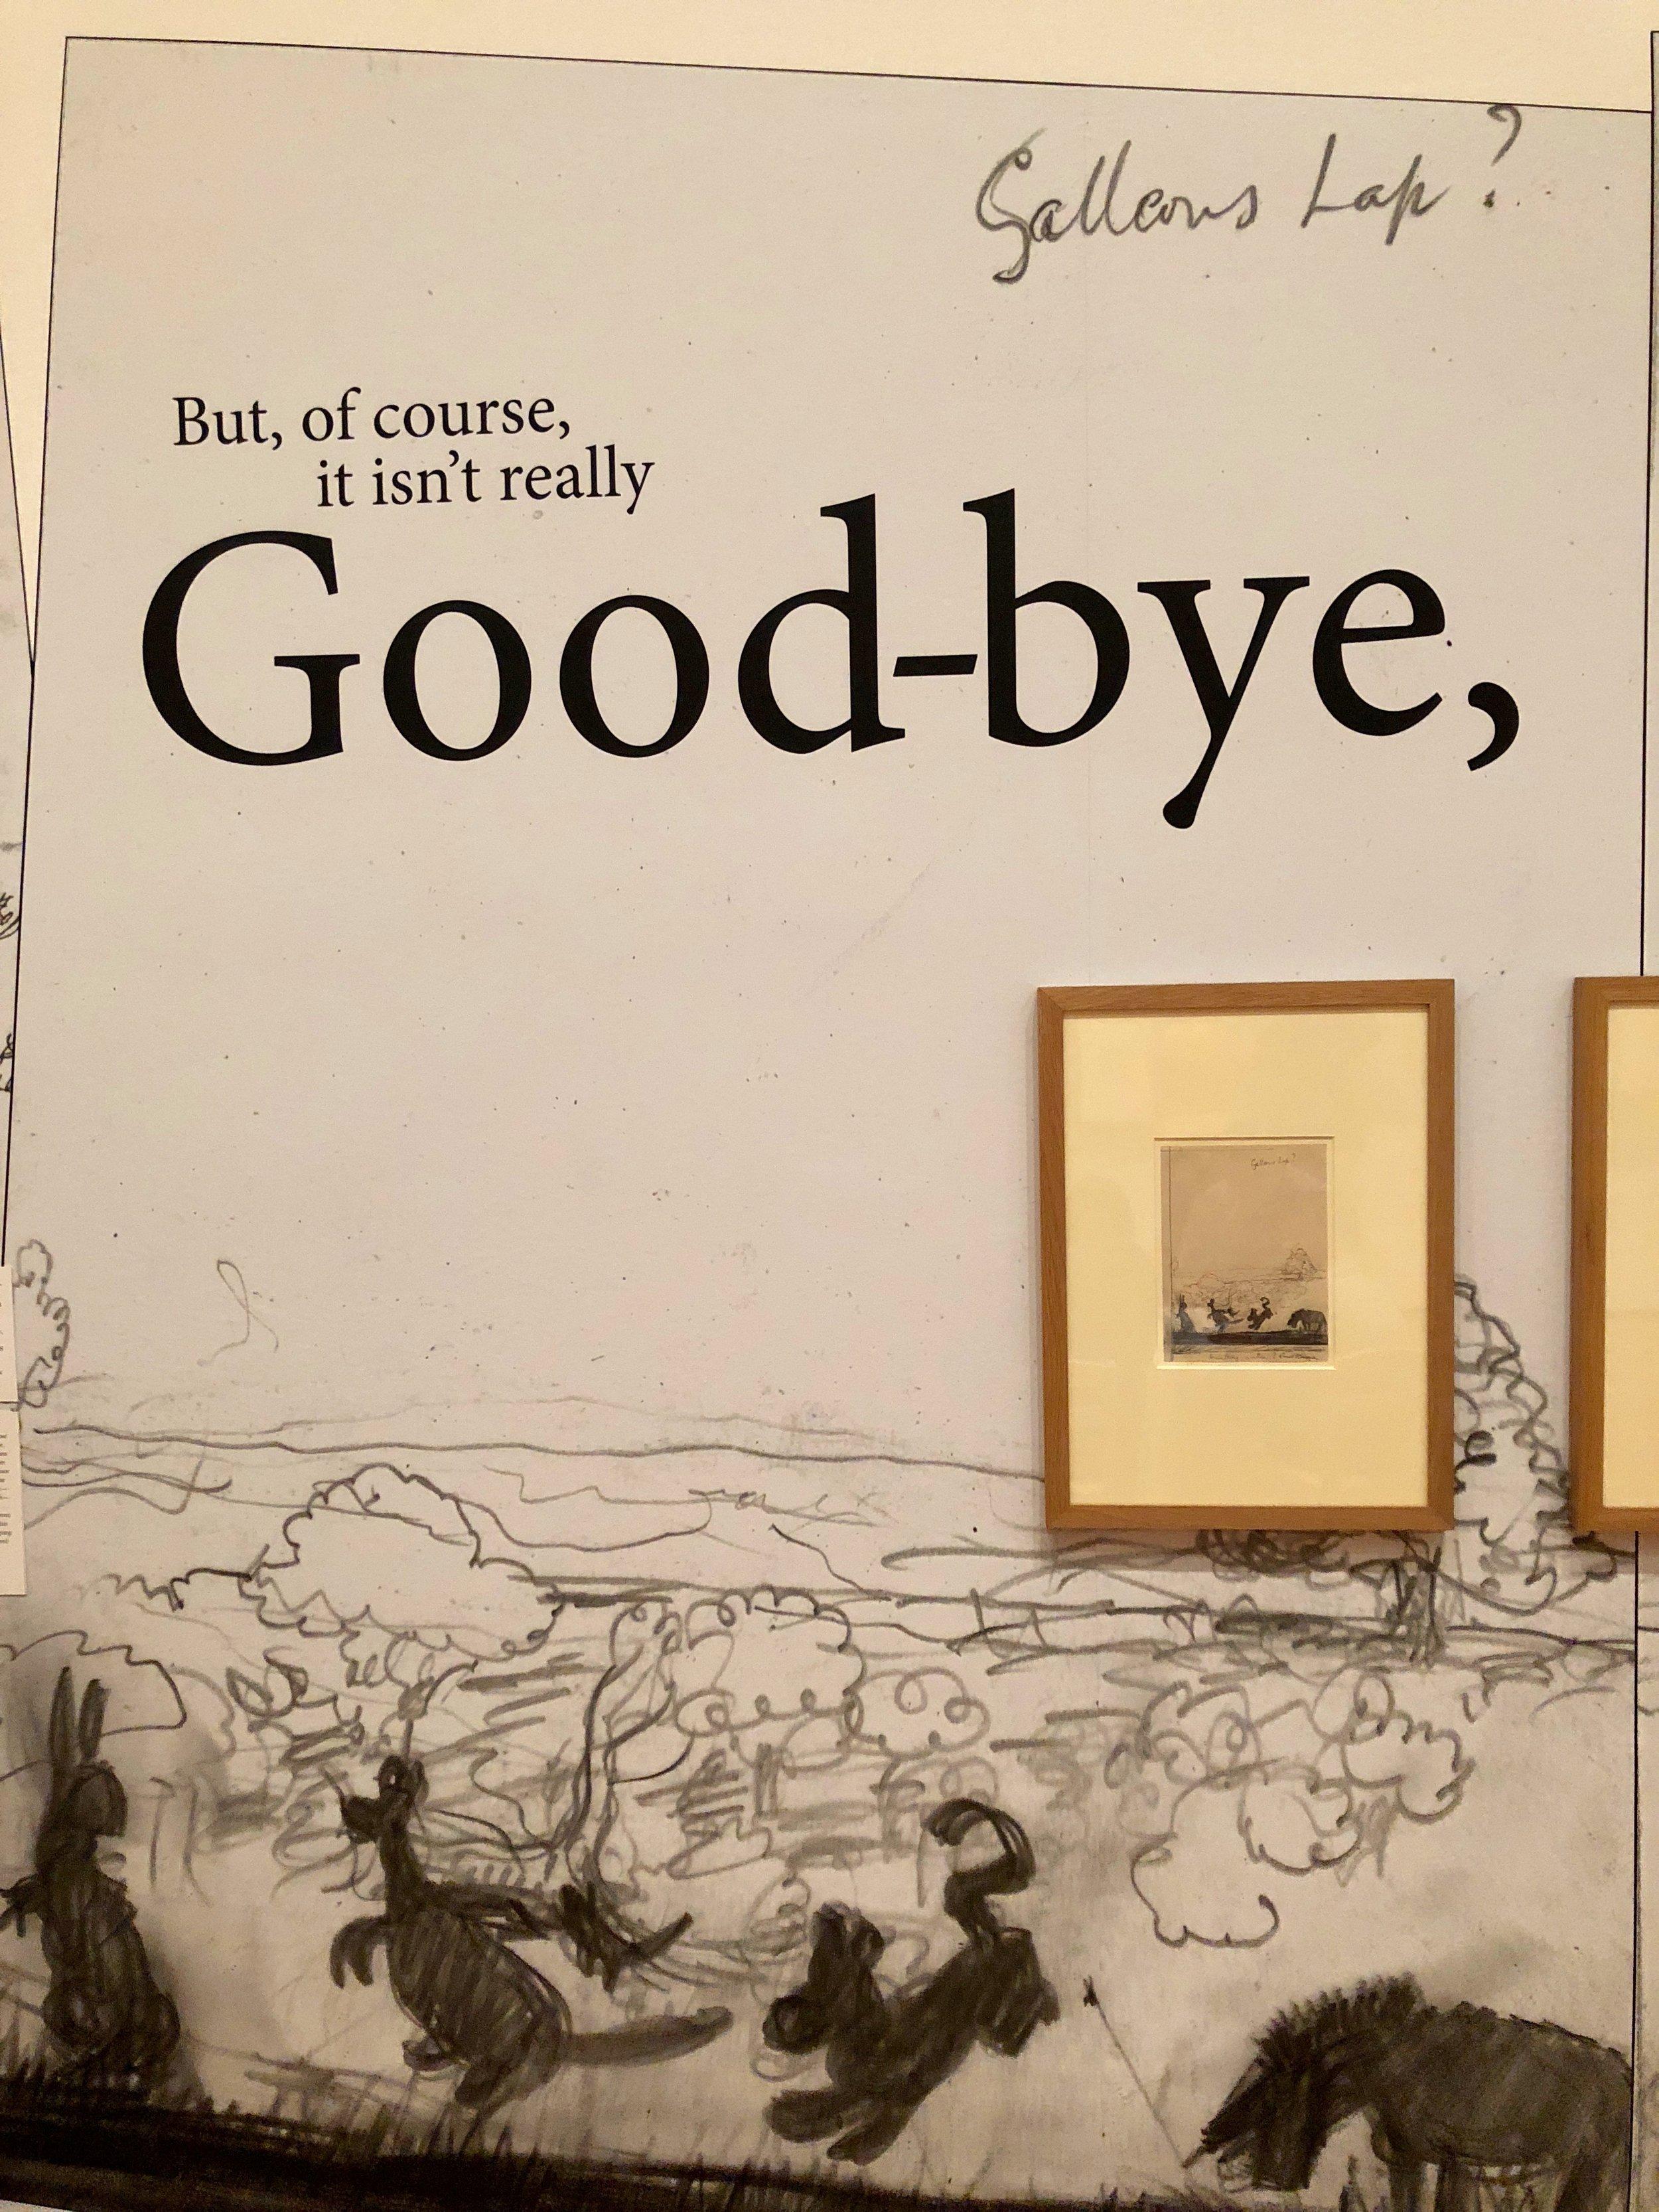 Glimsen-Pooh-goodbye.jpg